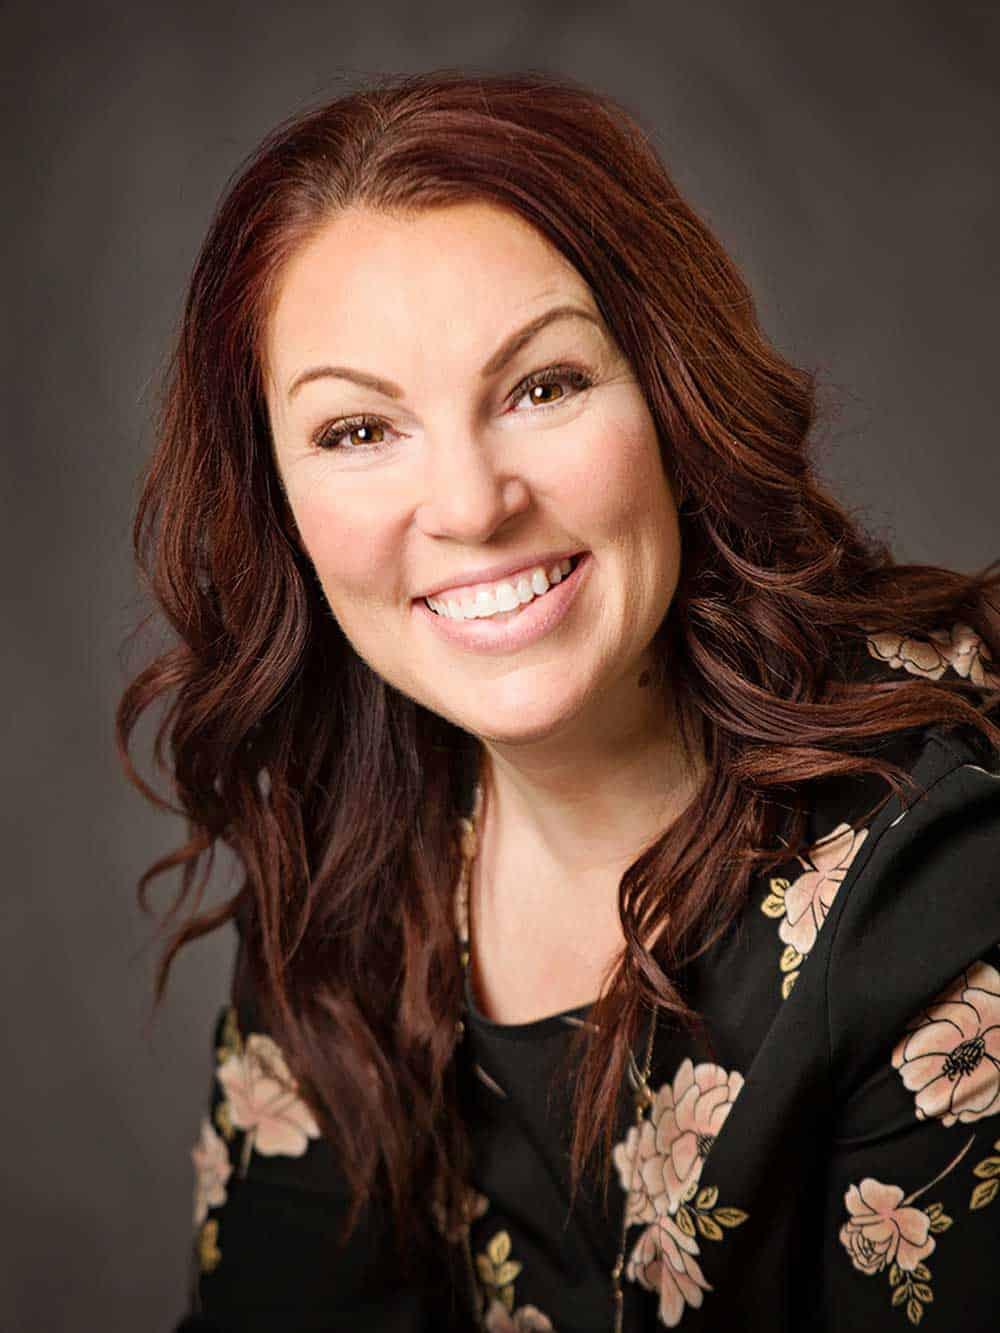 Kelli Jackson